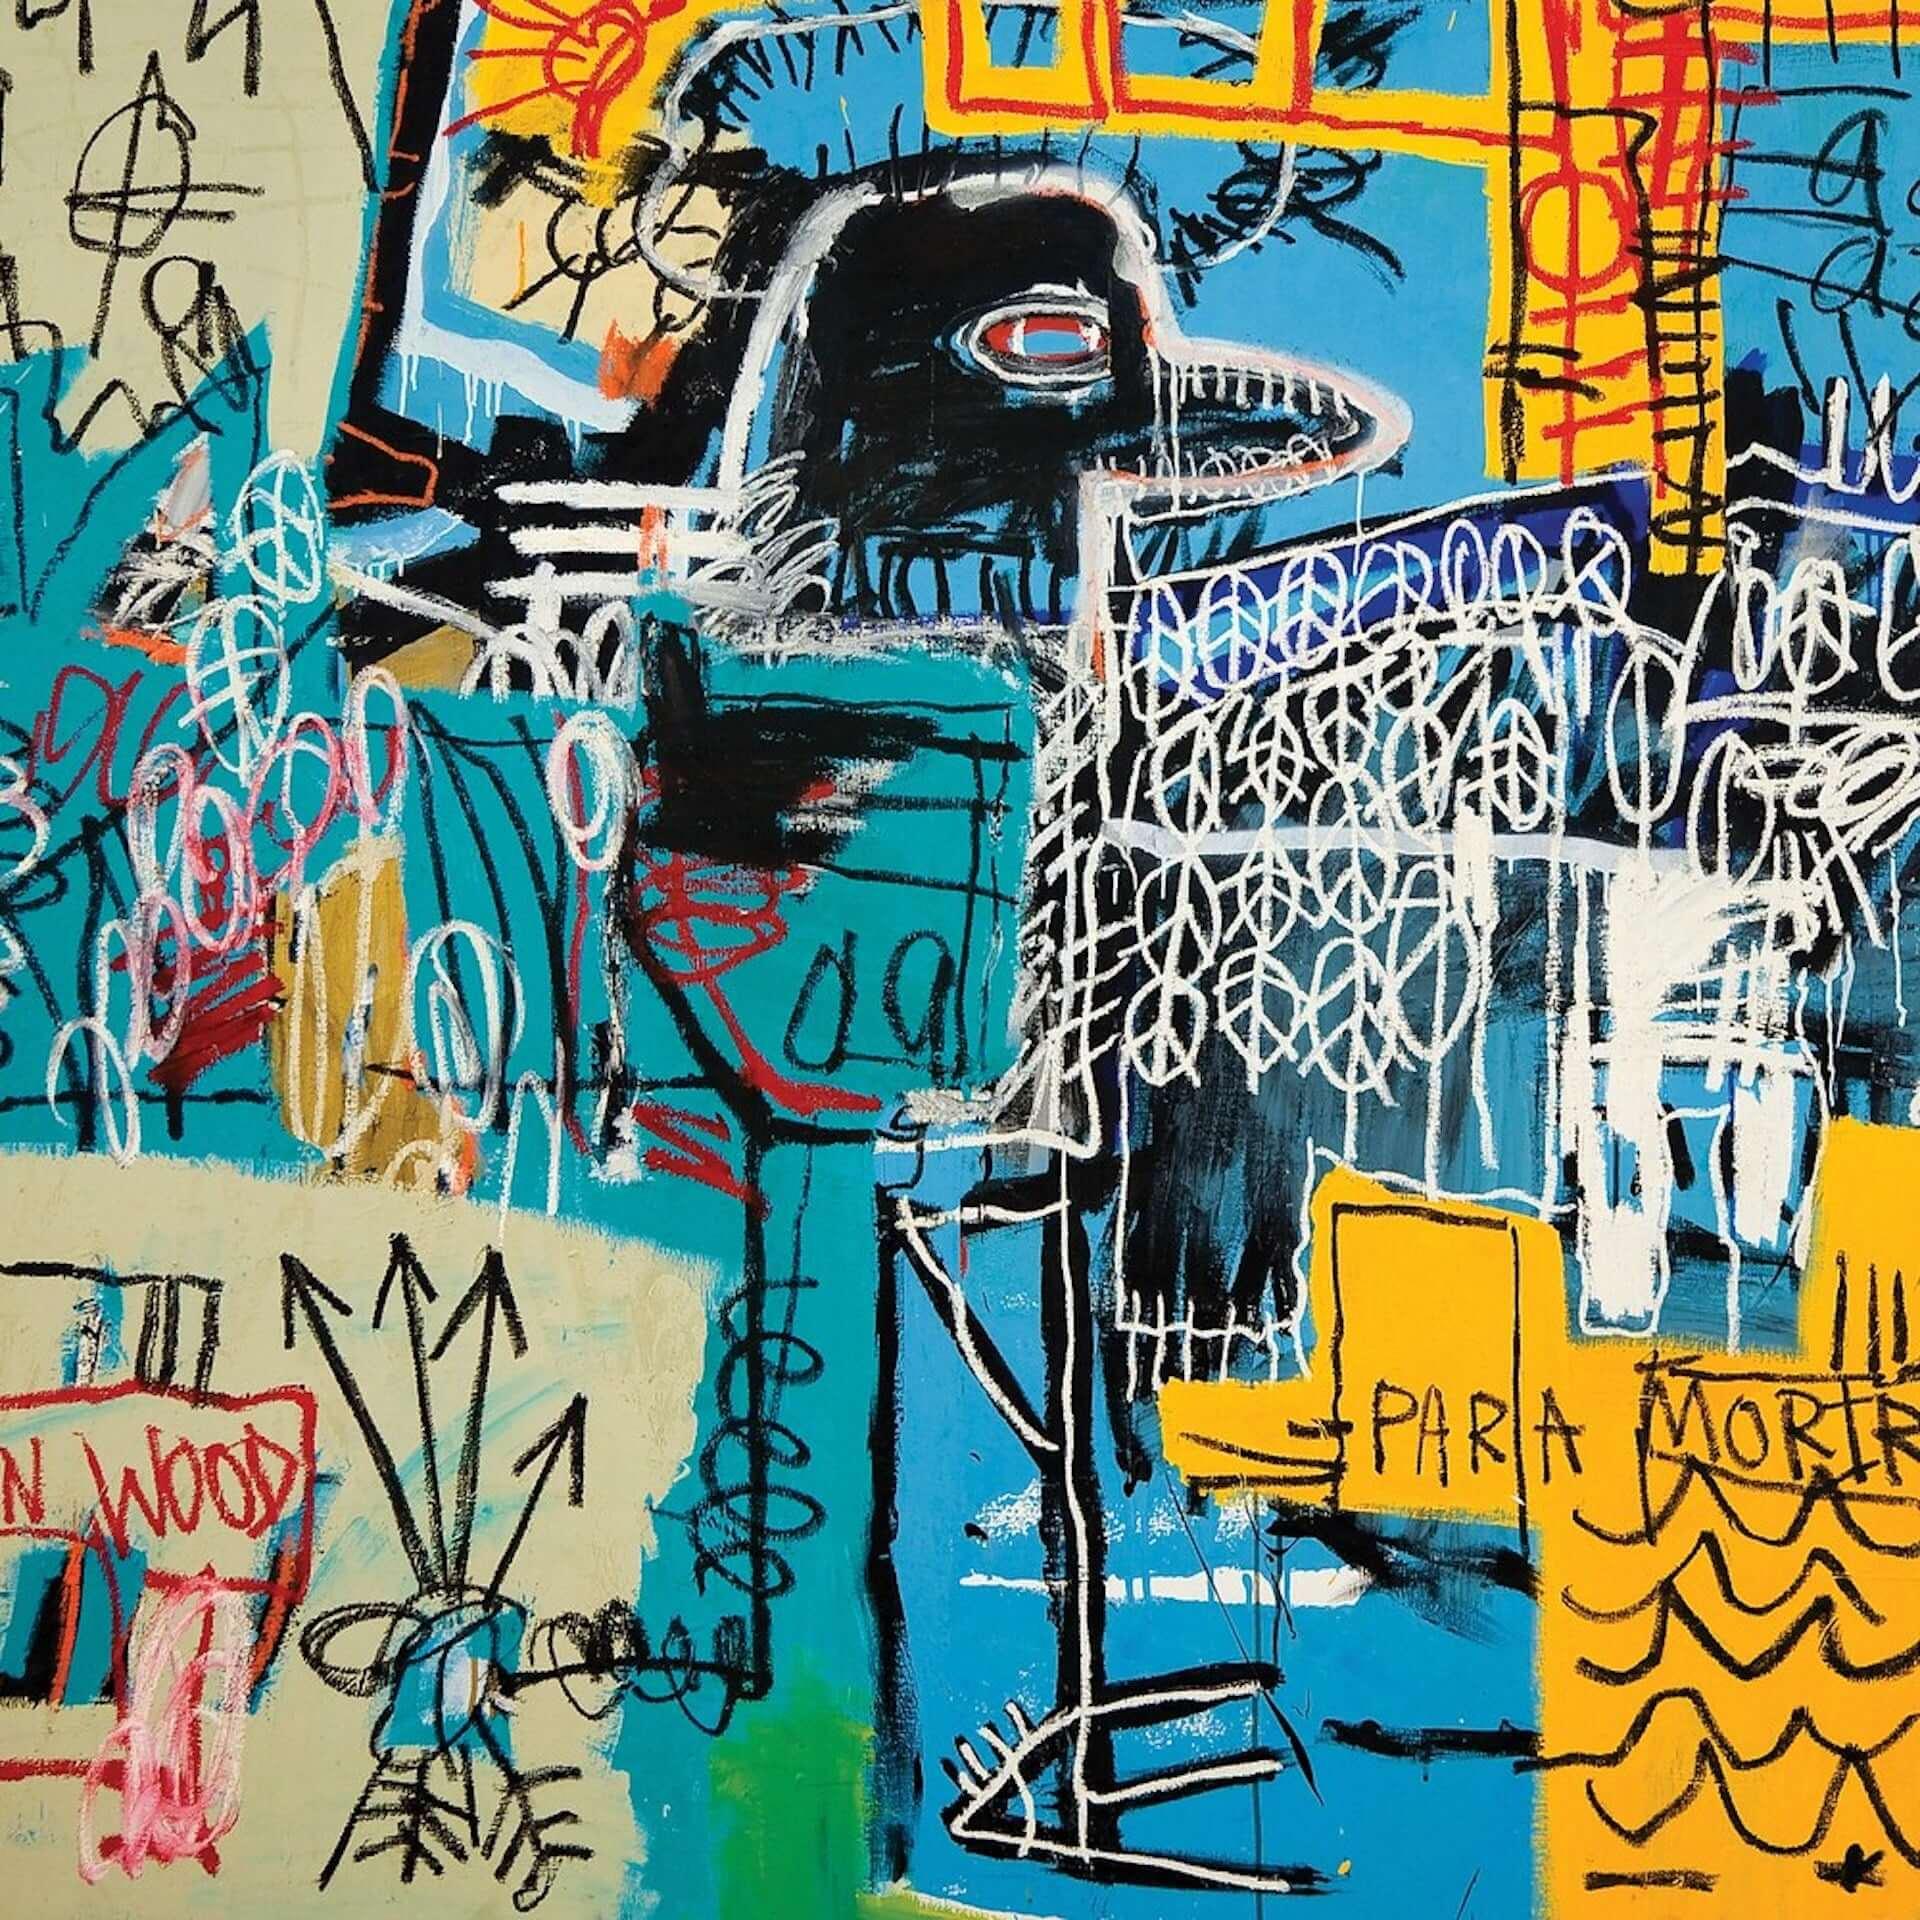 ザ・ストロークス、ジャケットにバスキアを起用した7年ぶりのニュー・アルバム『ザ・ニュー・アブノーマル』発売決定&新曲MV公開! music200212_strokes_1-1920x1920